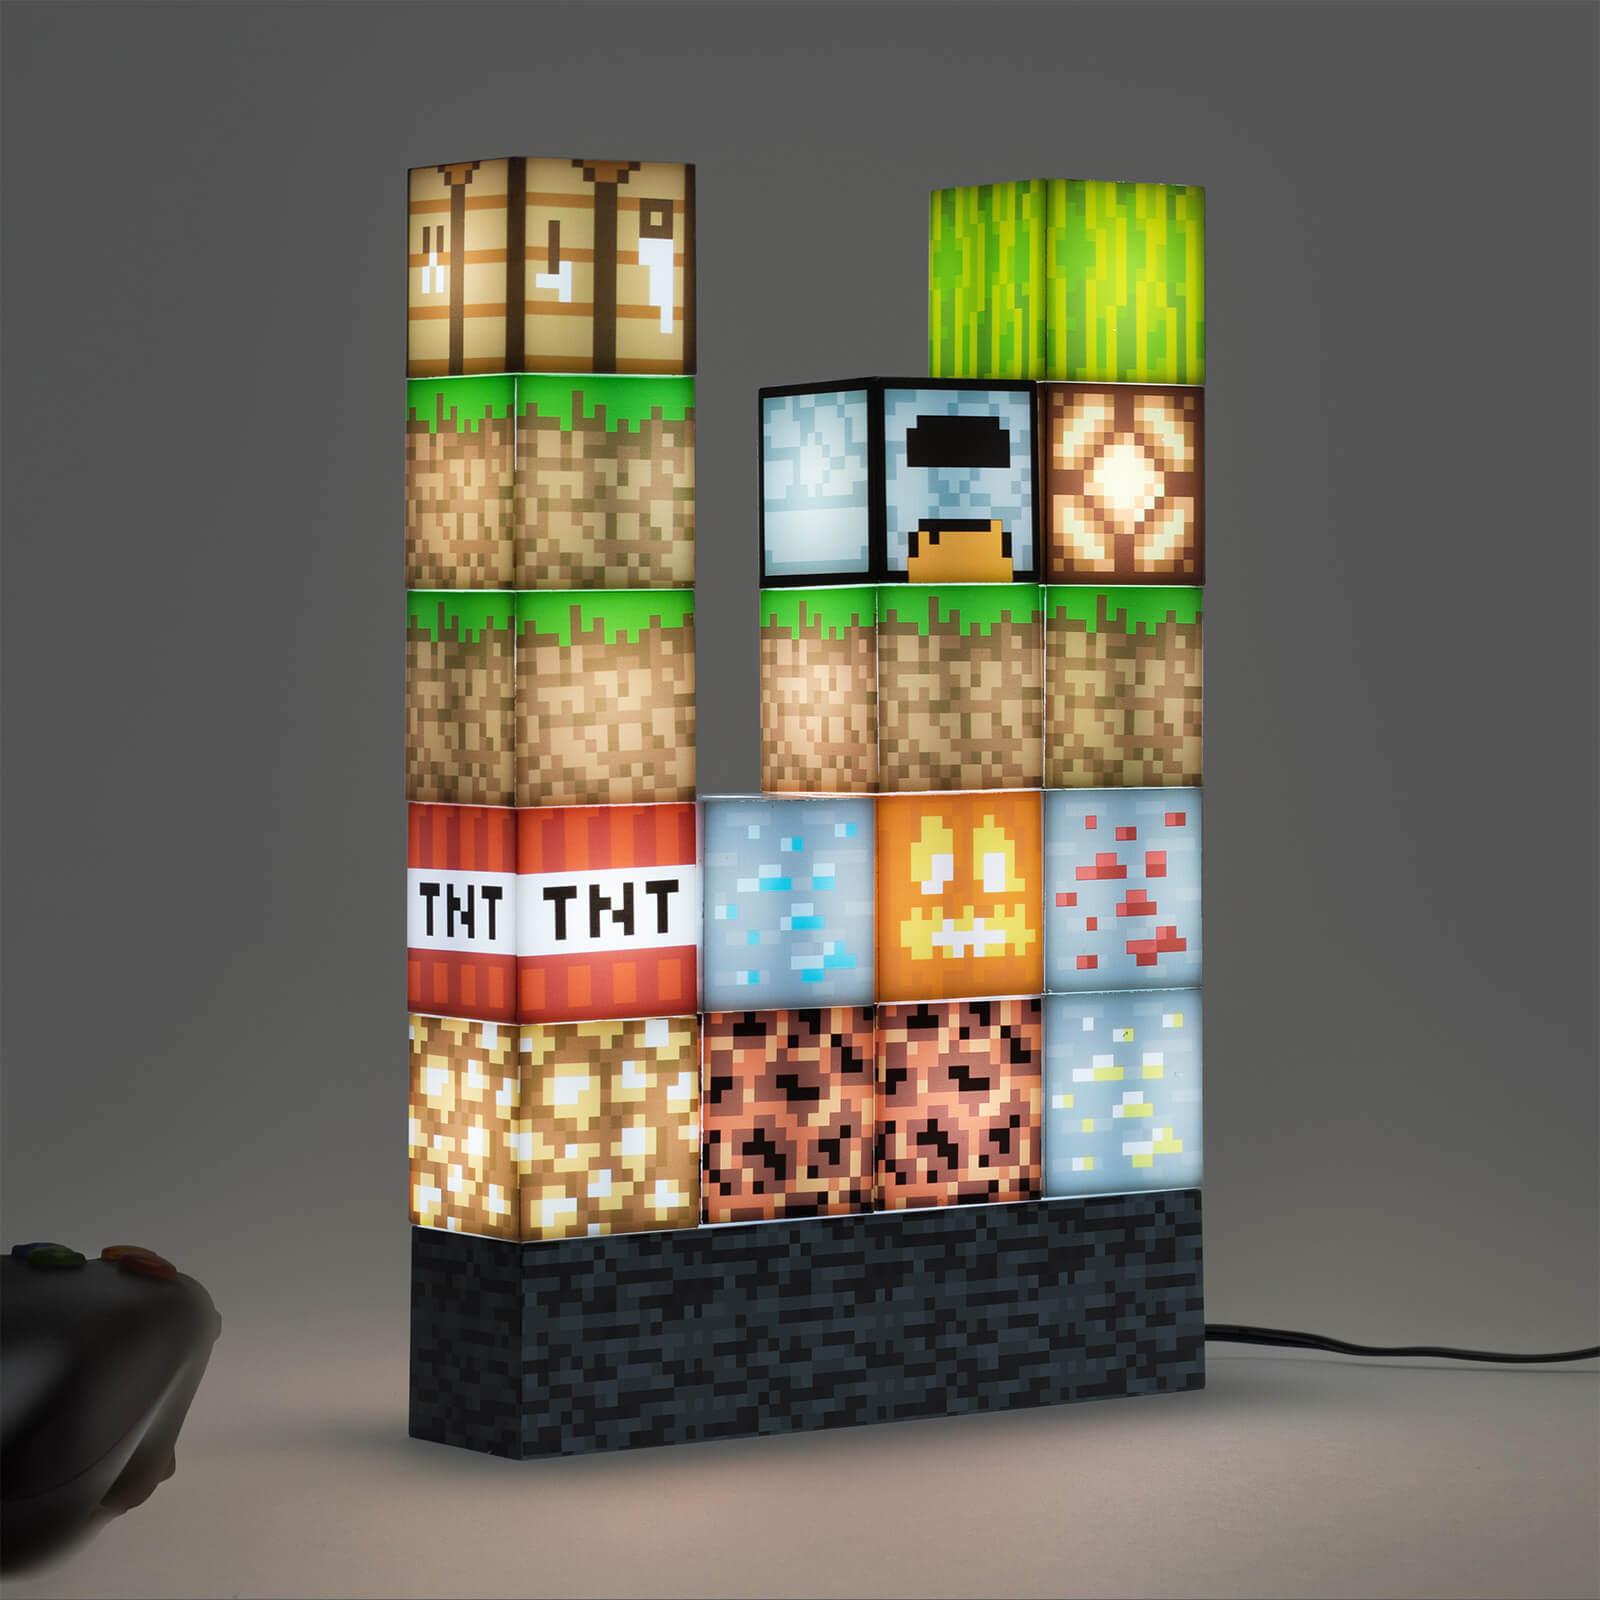 Minecraft Block Building Light mit 16 verschiebbaren Lichtblöcken und Bettsteinbasis